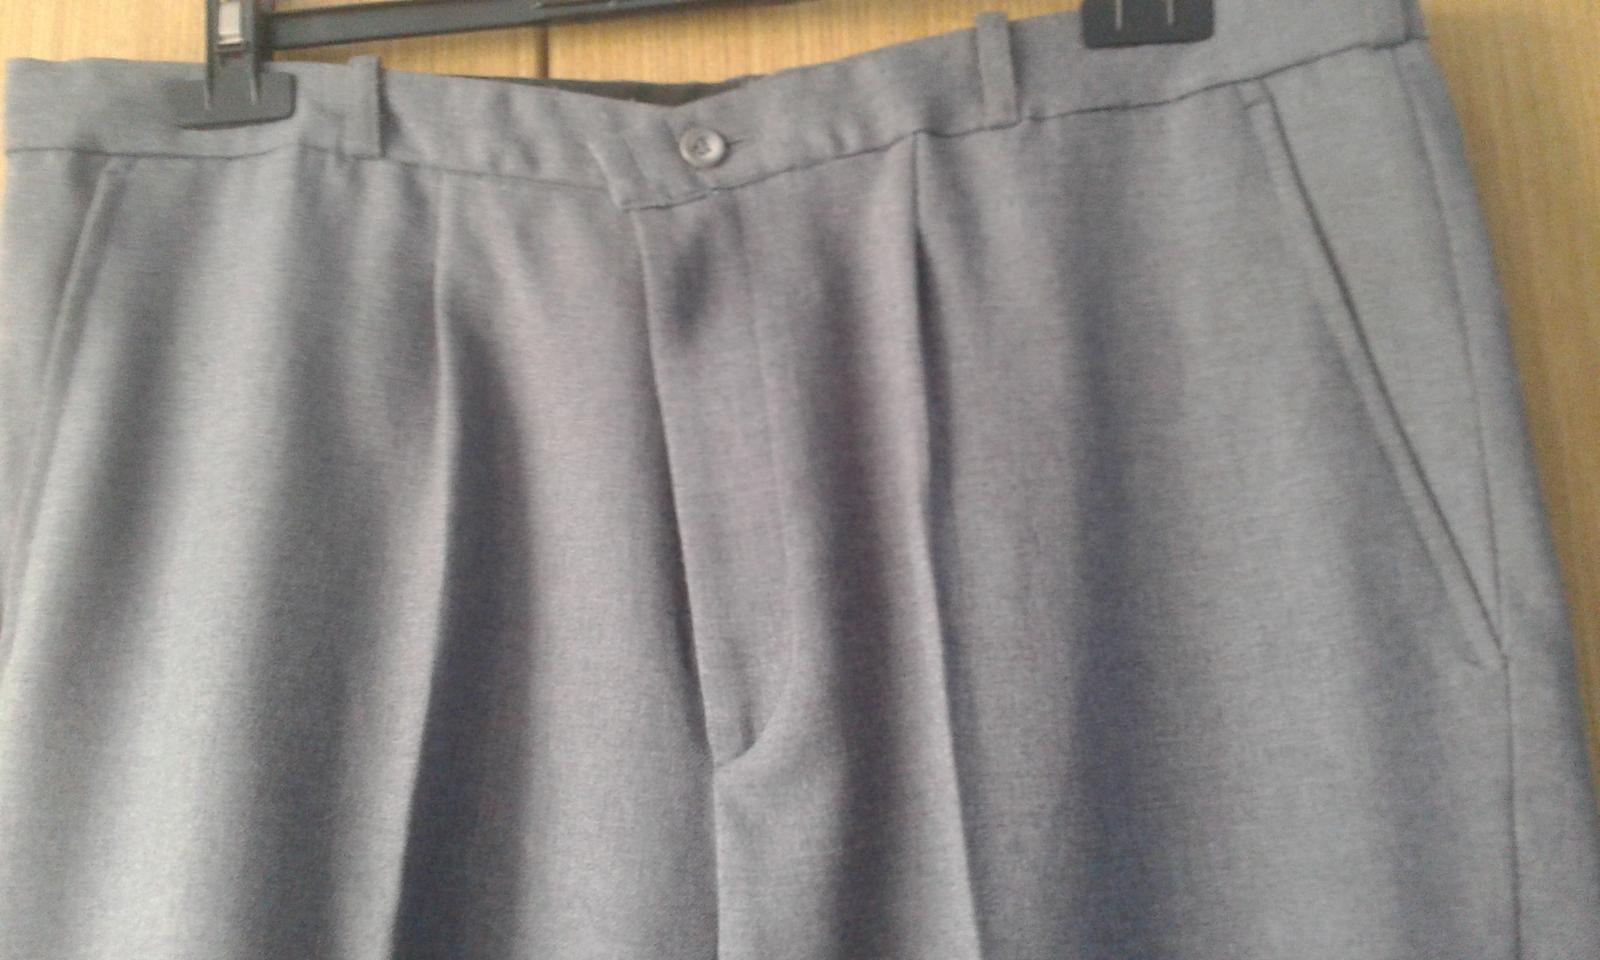 Pánsky oblek s vestičkou - Obrázok č. 3